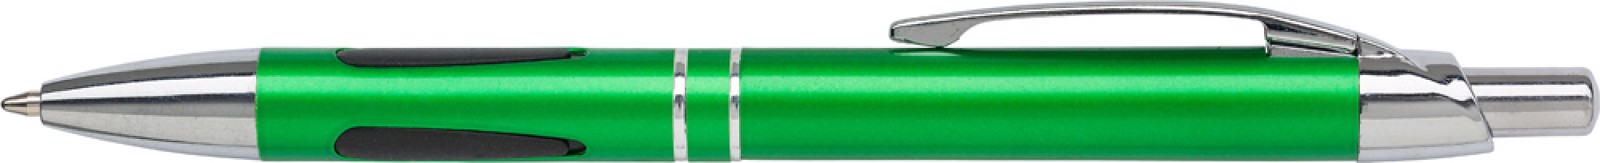 ABS ballpen with rubber grip pads - Light Green